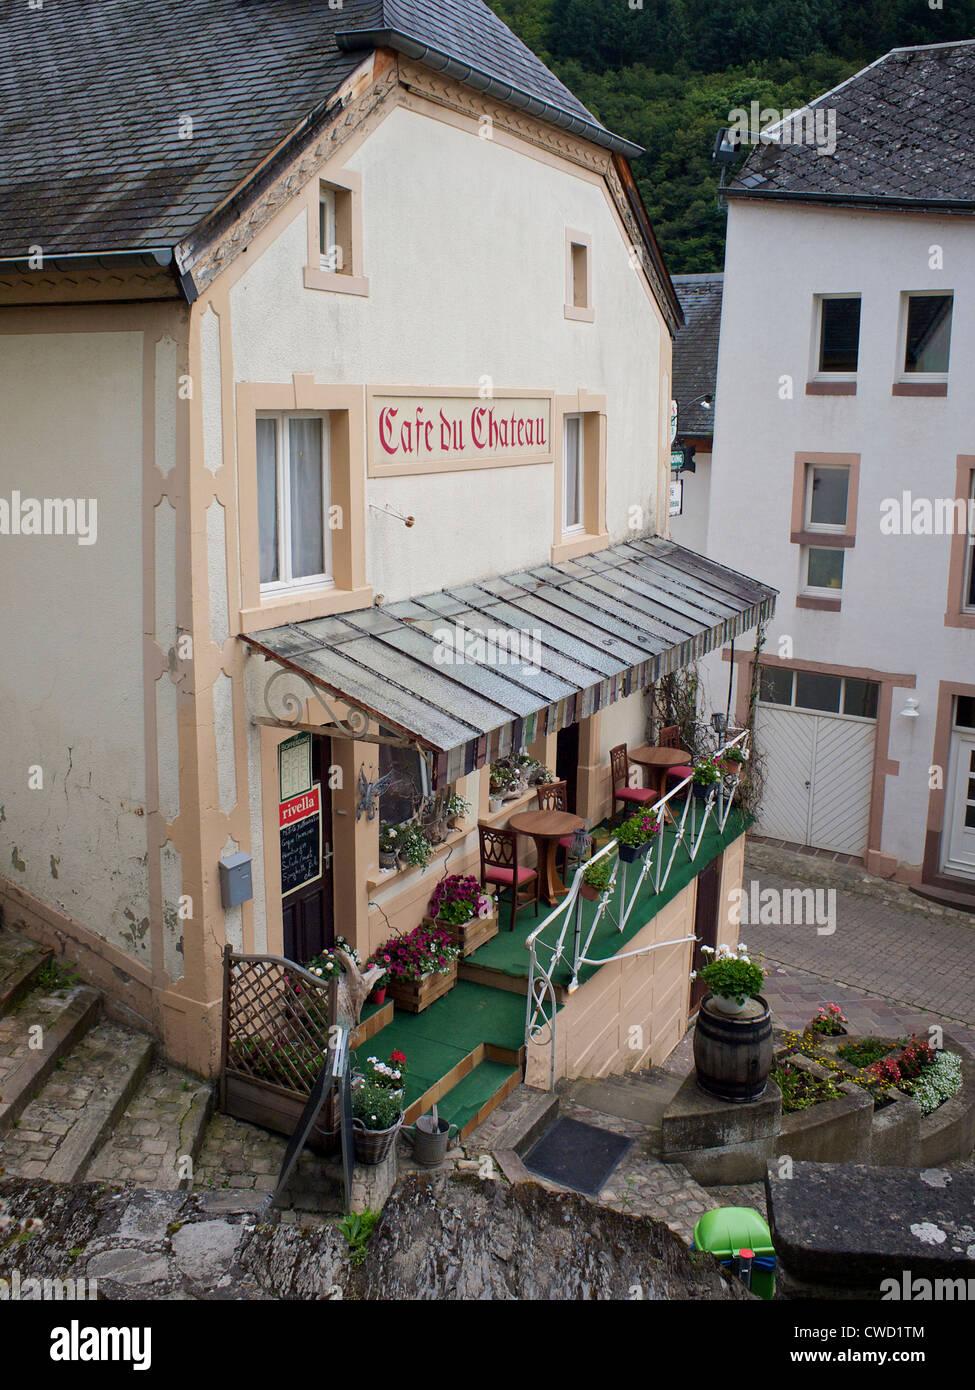 Village calme cafe à Esch sur sure Luxembourg Photo Stock